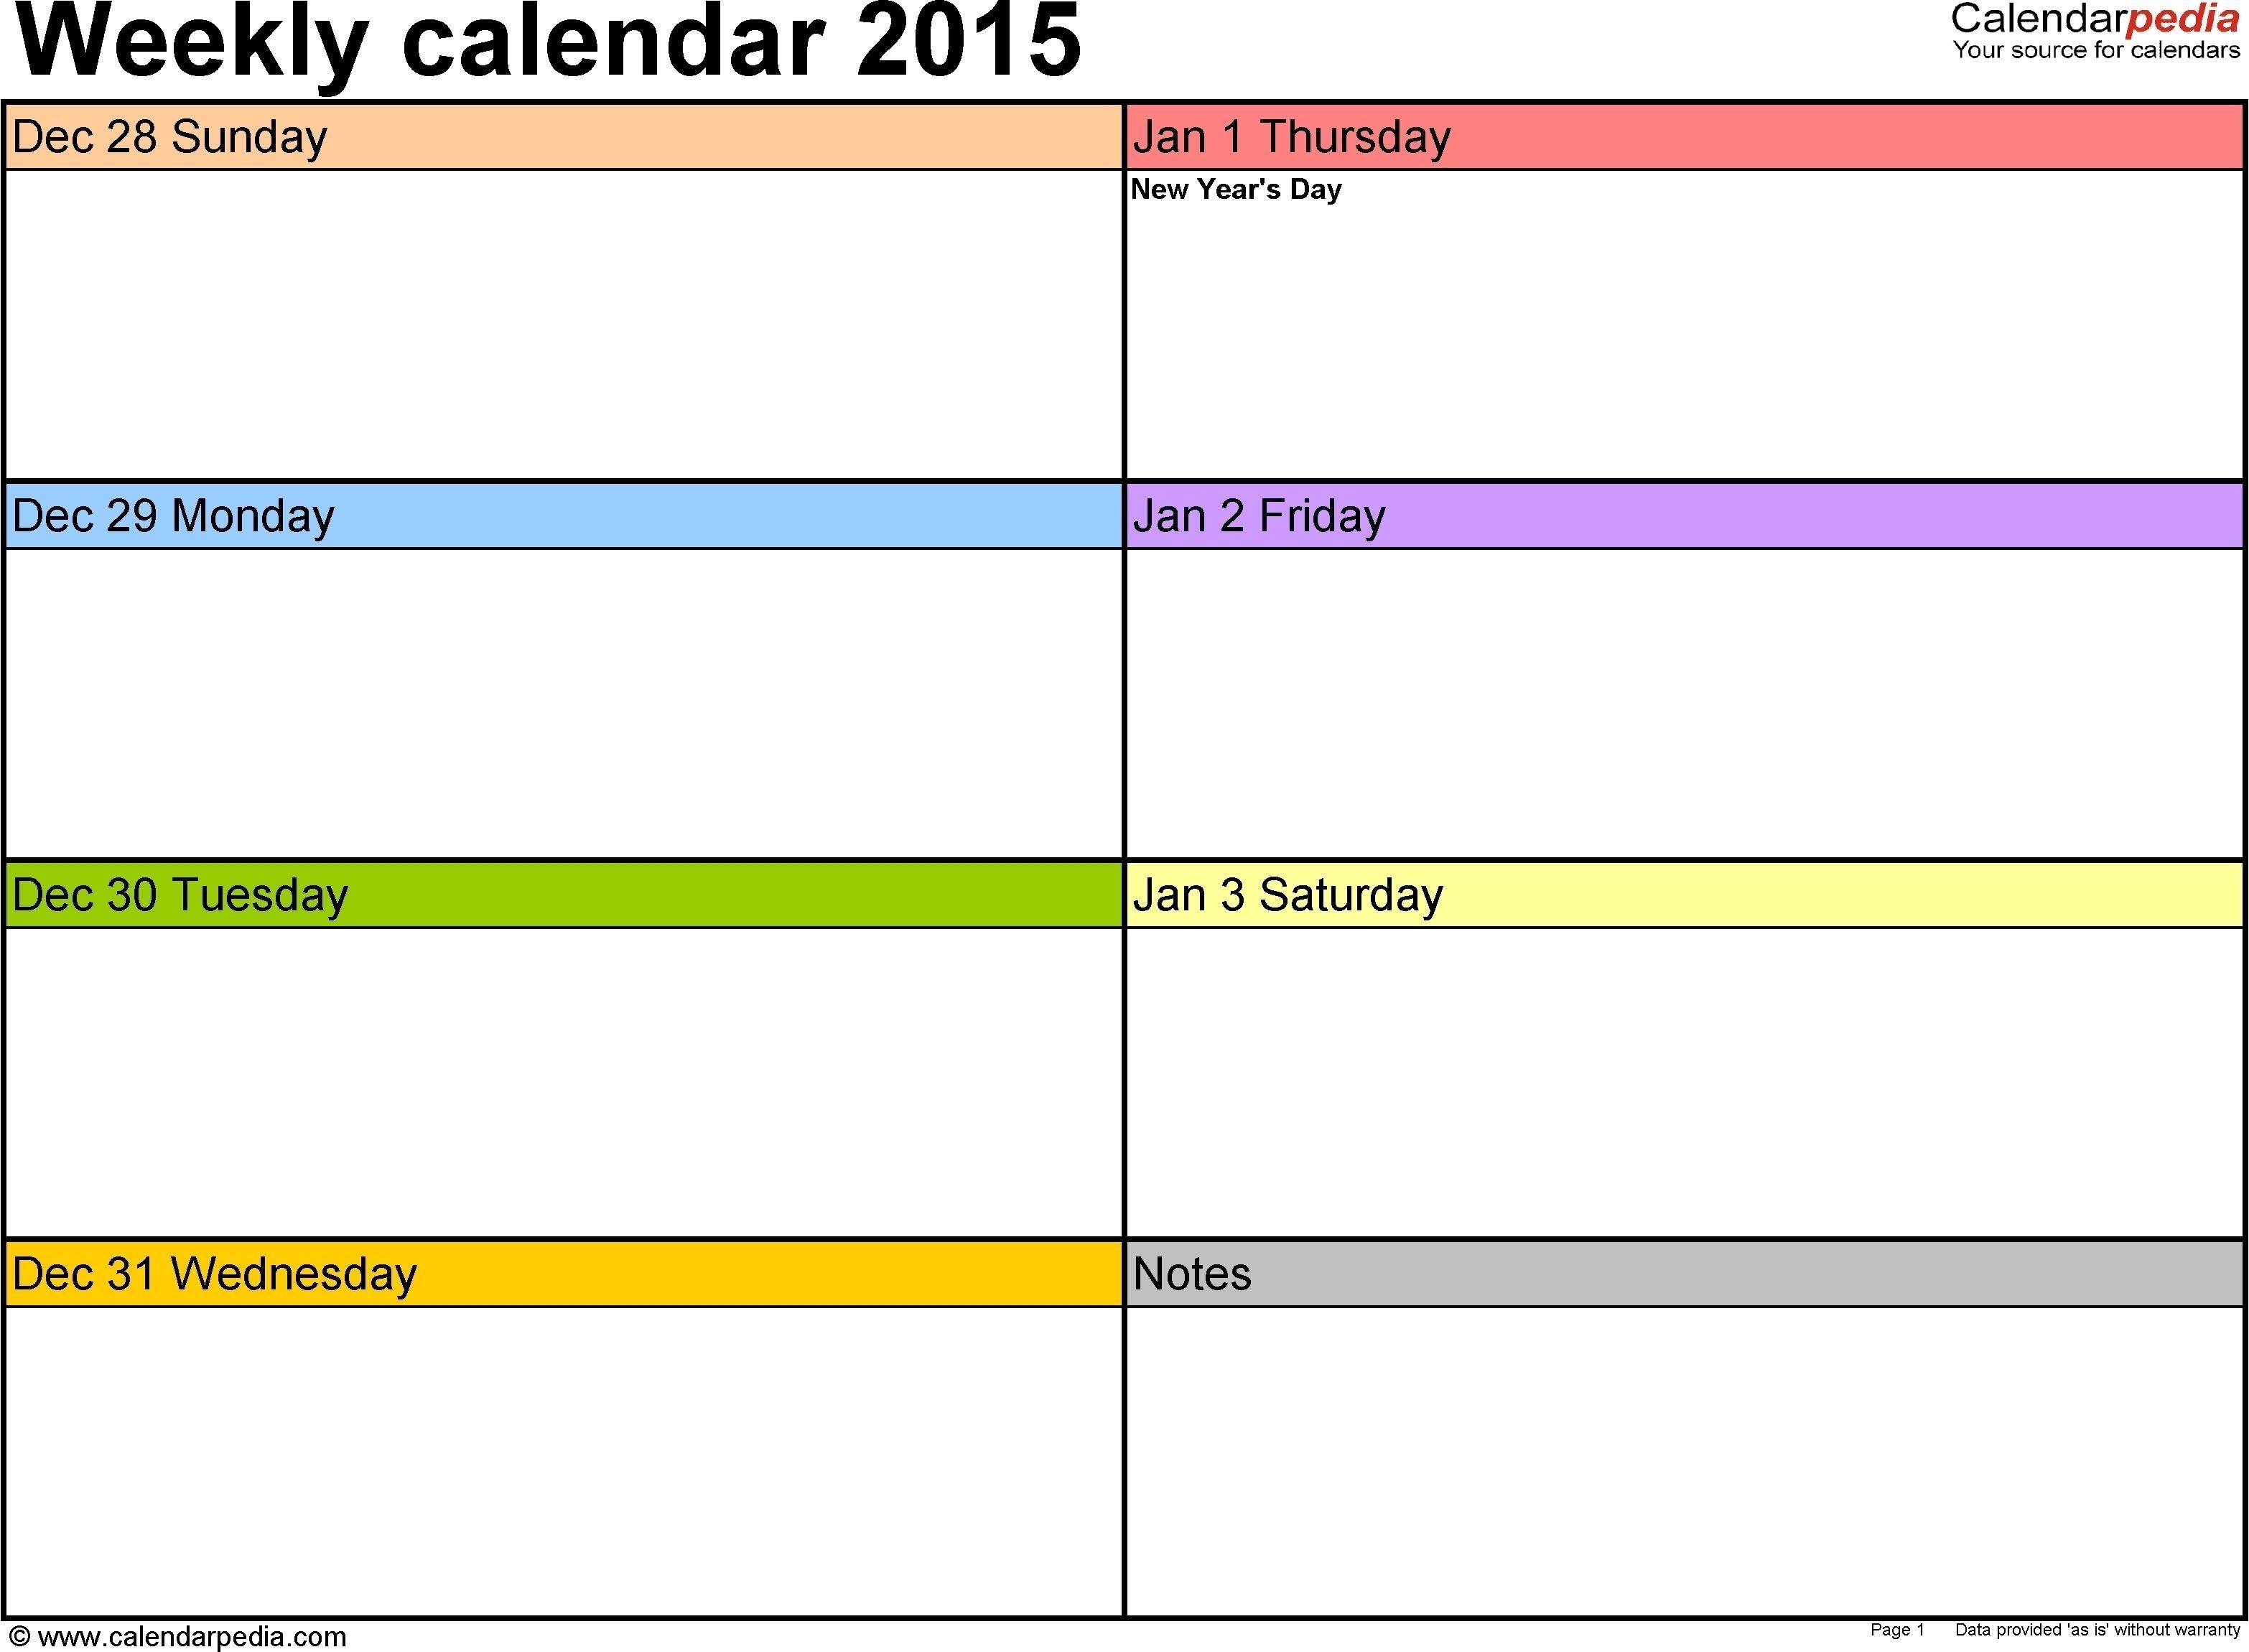 7Day Week Blank Calendar Template | Blank Calendar Template throughout 7 Day Blank Calendar